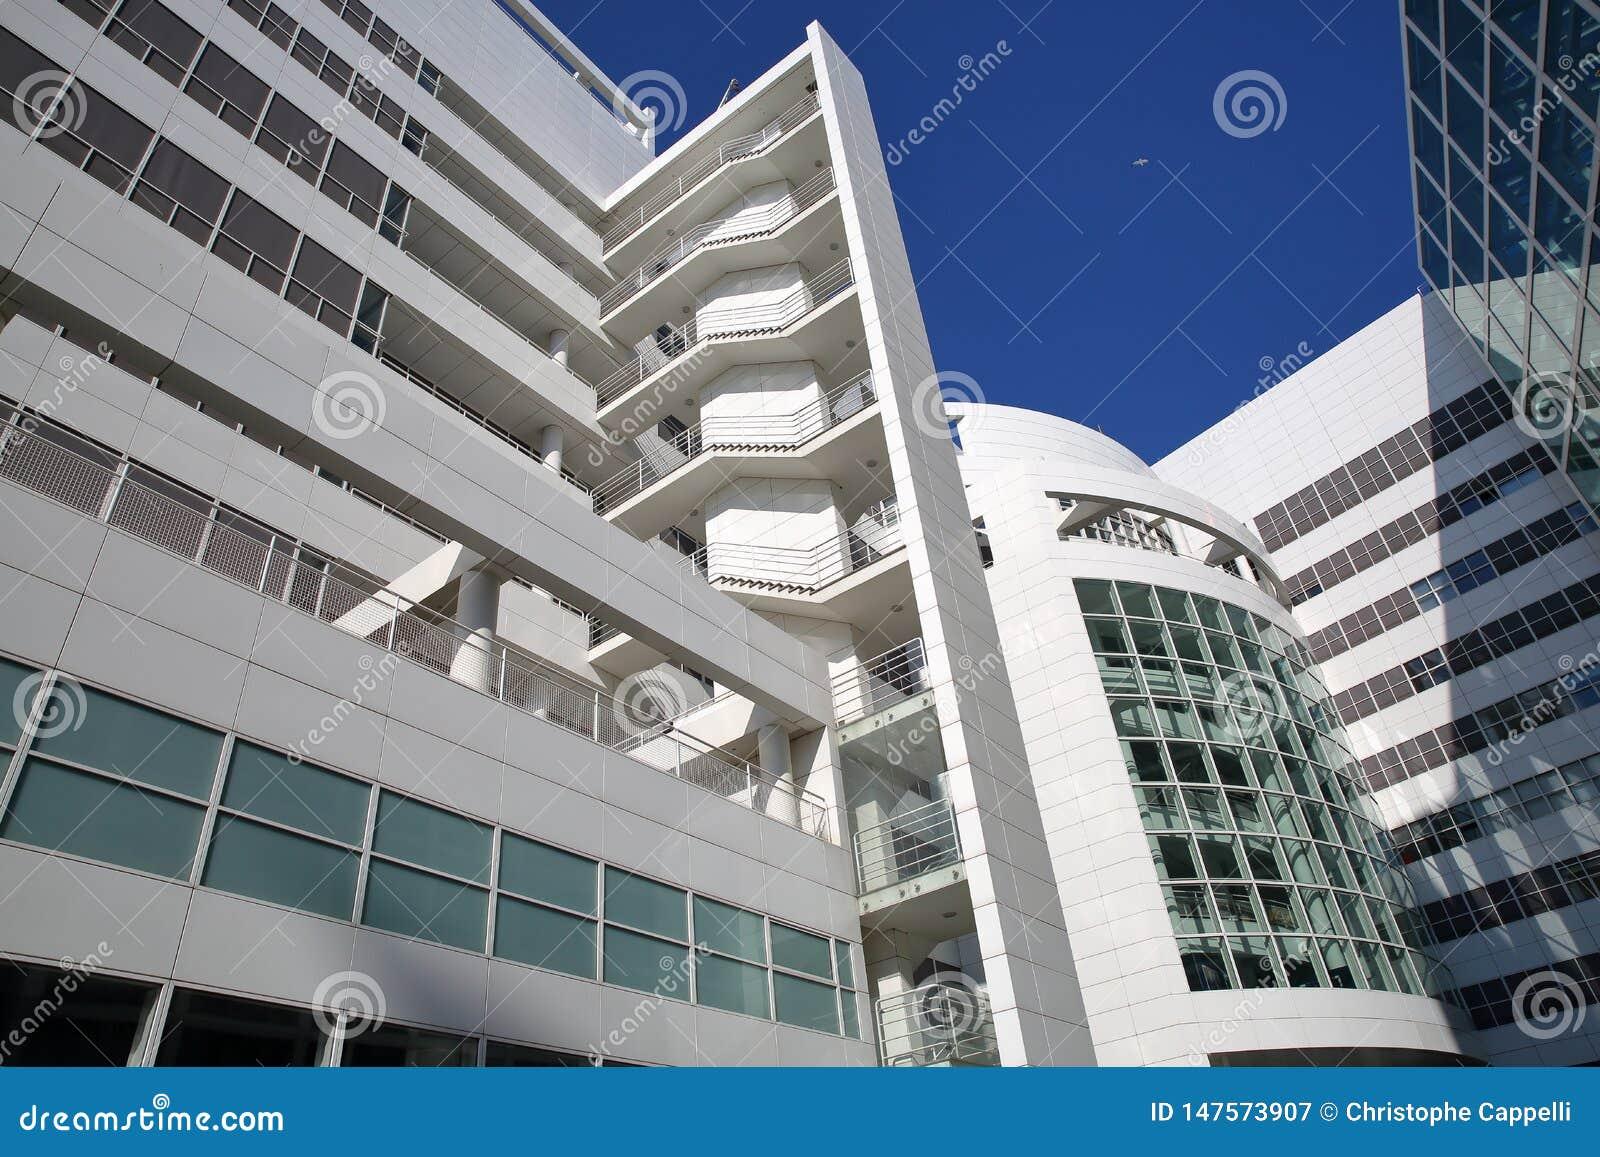 Die moderne Architektur von neuen Rathaus von Den Haag Entworfen durch amerikanischen Architekten Richard Meier im Jahre 1986